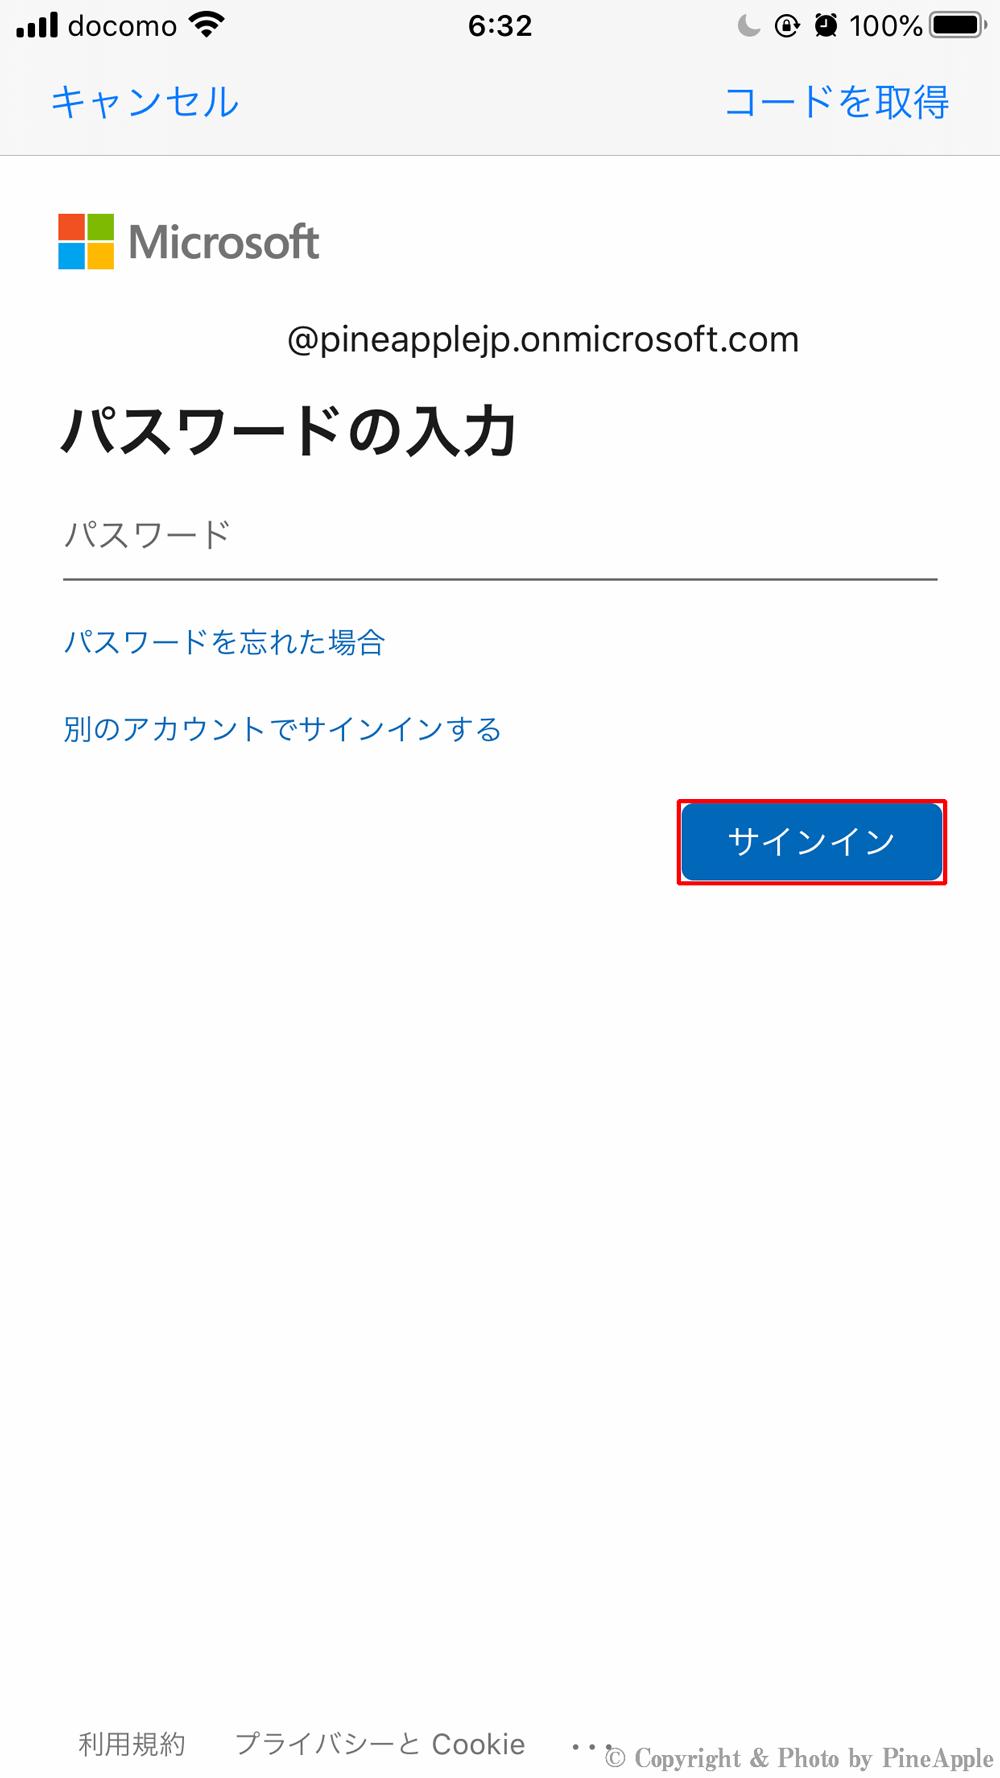 Microsoft Authenticator;Microsoft Authenticator を起動し、「パスワードの入力」欄にアカウントの「パスワード」を入力し、「サインイン」をタップ